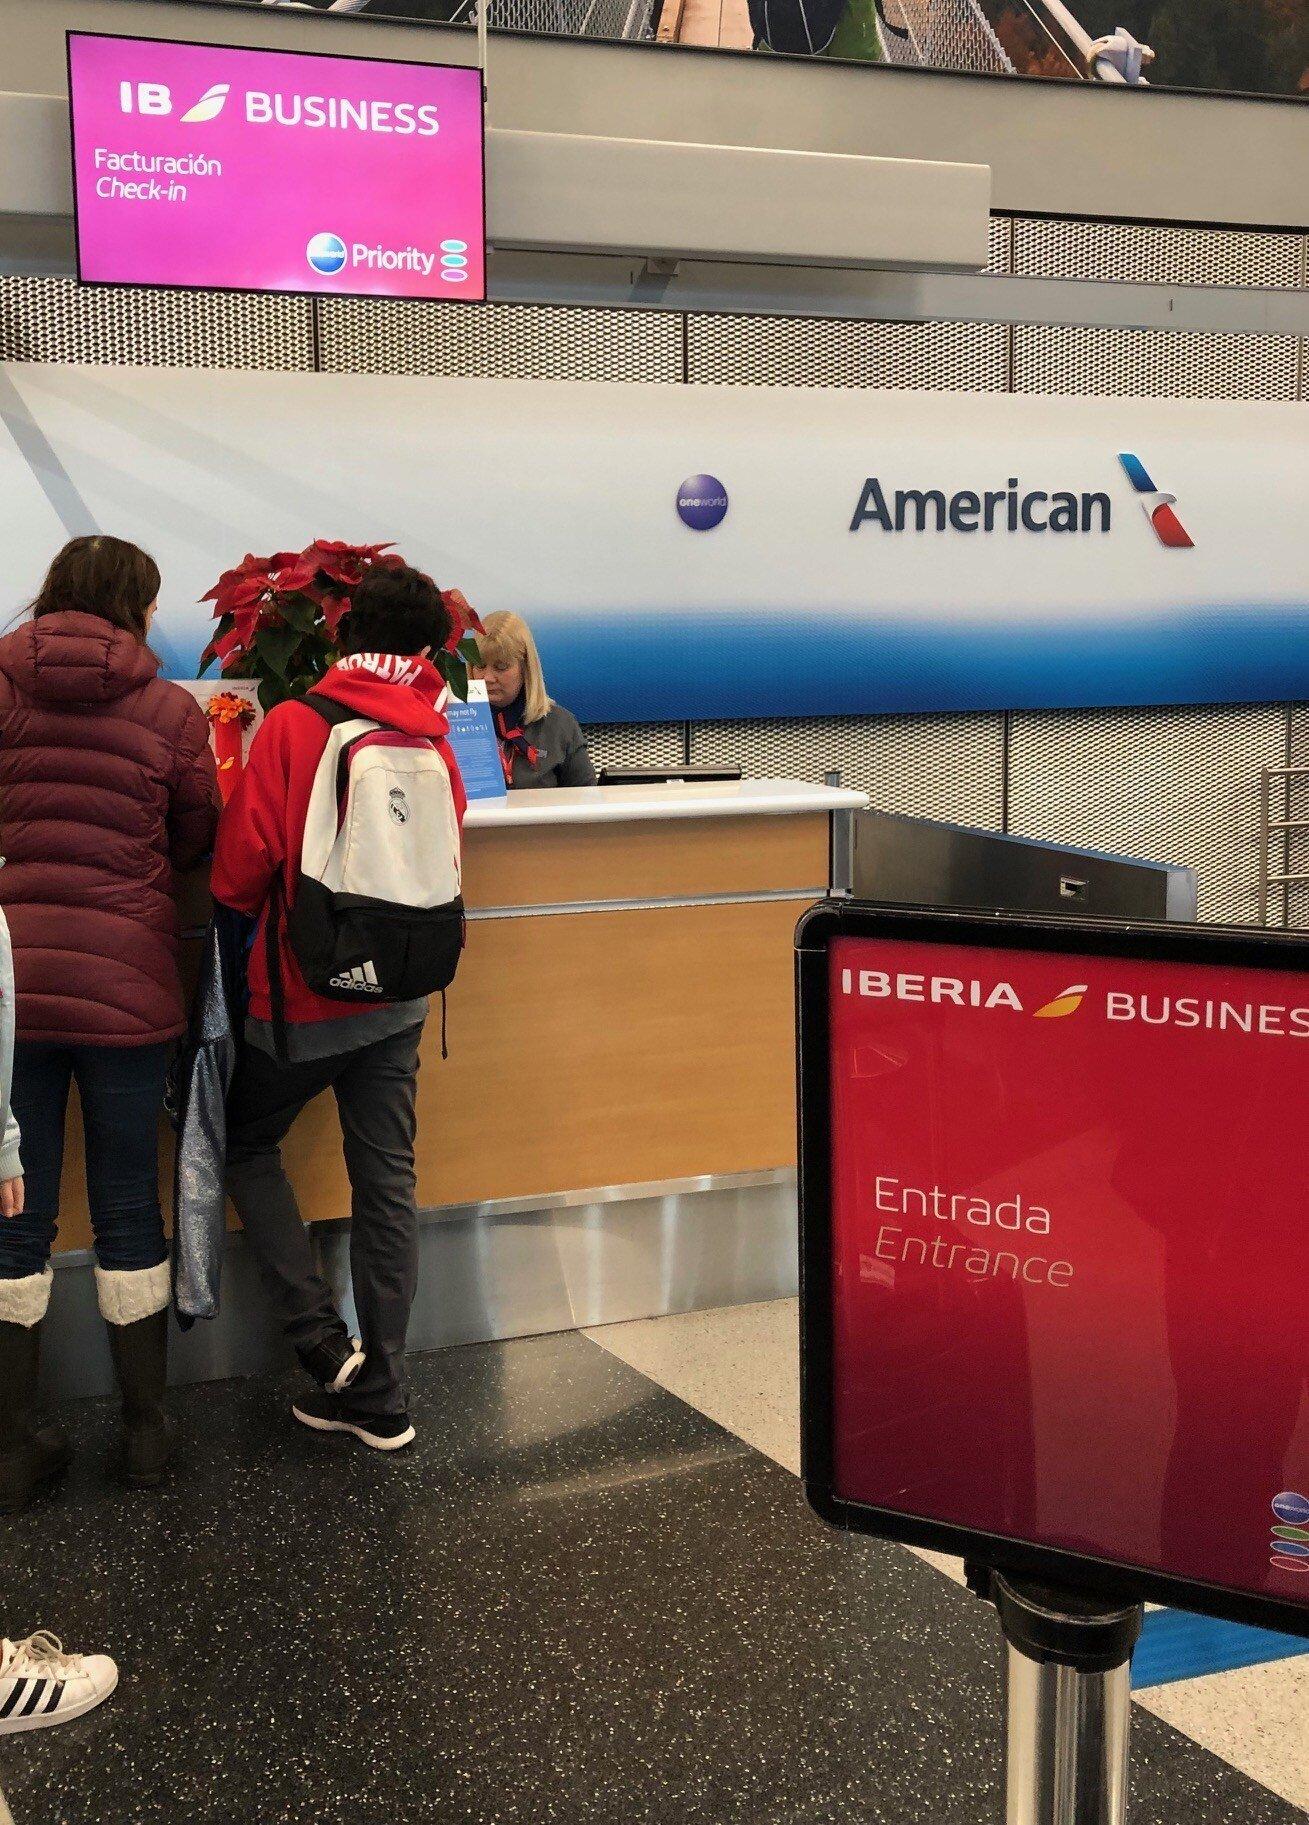 伊比利航空 Check-In 櫃檯,就是美國航空的一角